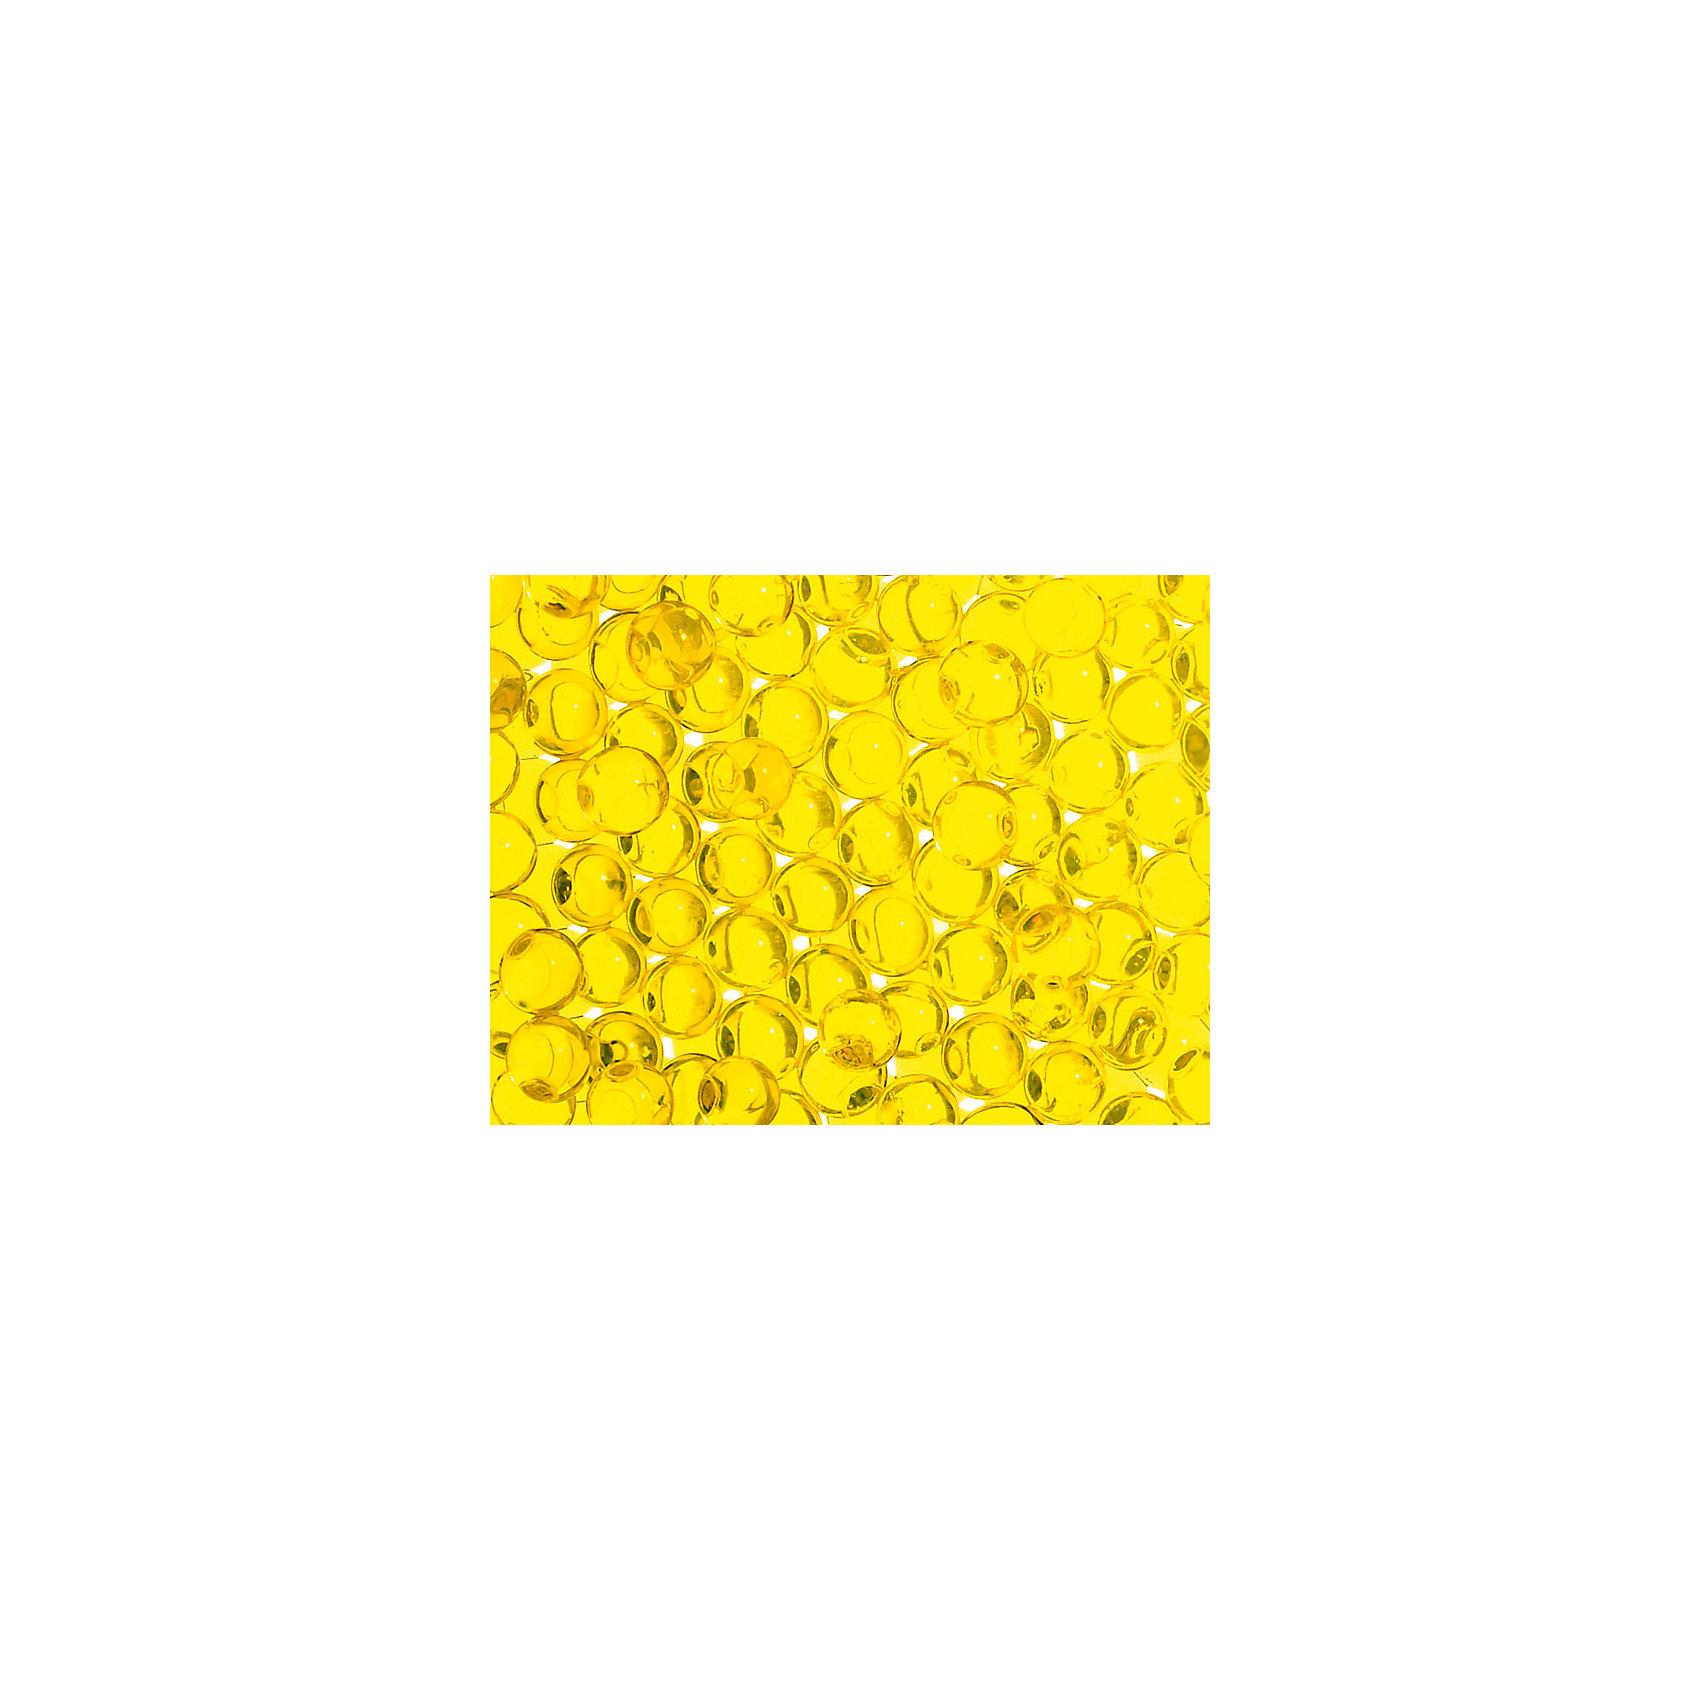 Шарики из гидрогеля, 500 шт, VAPORНаборы для выращивания растений<br>Данные шарики можно использовать для ухода за растениями. Если опустить их в емкость с водой, они впитают воду, а потом отдадут ее растениям, когда Вы положите их в горшок. Чем дольше держать шарики в воде, тем больше они набухнут. Если Вы едете в отпуск, это отличное решение автополива растений!<br>Данные шарики можно использовать и как готовые заряды для бластеров VAPOR  - это небольшие гелевые шарики, состоящие из воды и полимера. При попадании в какую-либо поверхность заряды отскакивают от нее или же рассыпаются на частички, не повреждая и не пачкая ее.<br><br>Дополнительная информация:<br>- Материал: полимер, вода. <br>- Цвет: желтый.<br>- Количество в упаковке: 500 шт. <br>- Размер одного заряда: 1х1 см. <br><br>Шарики из гидрогеля, 250 шт, VAPOR можно купить в нашем магазине.<br><br>Ширина мм: 178<br>Глубина мм: 48<br>Высота мм: 96<br>Вес г: 450<br>Возраст от месяцев: 96<br>Возраст до месяцев: 168<br>Пол: Мужской<br>Возраст: Детский<br>SKU: 4046602